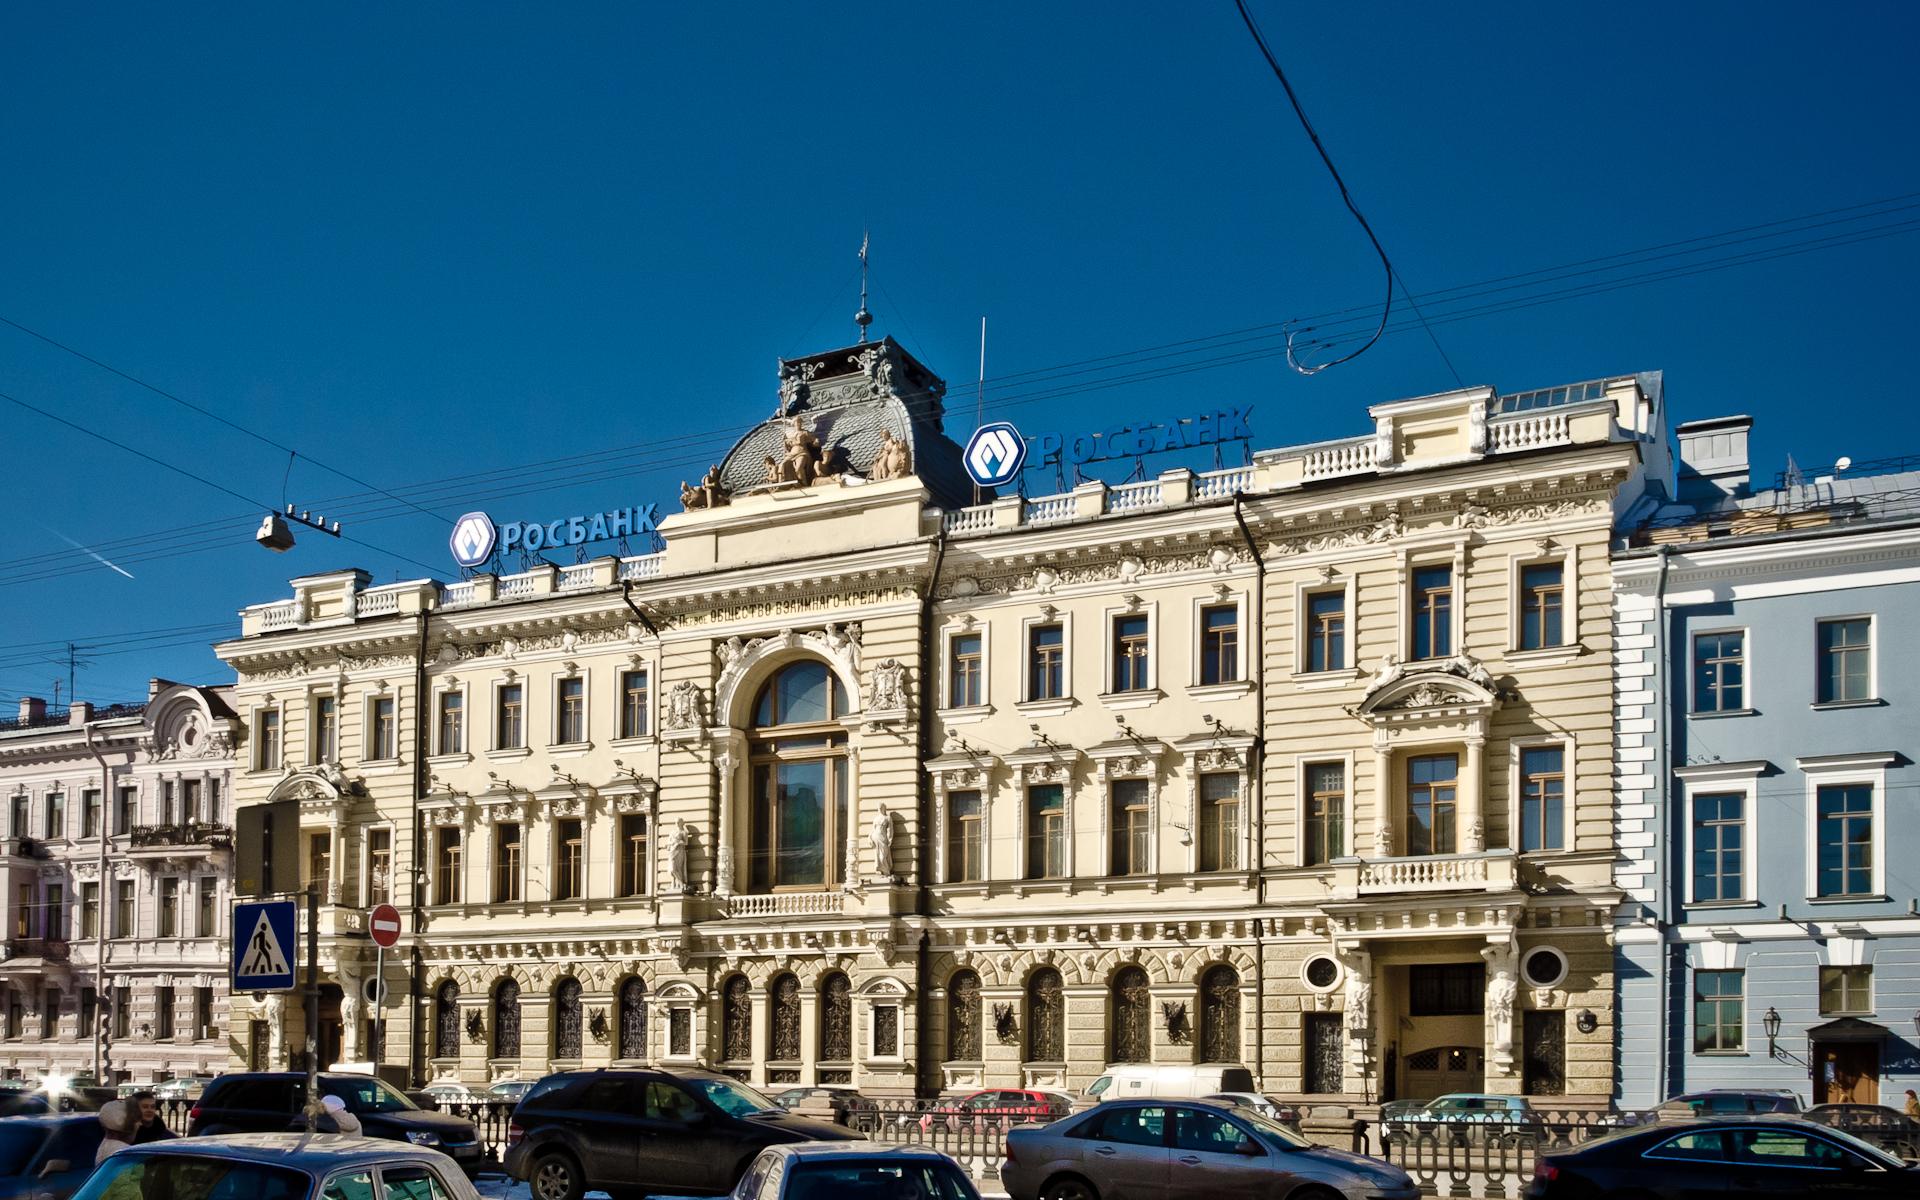 банк открытие санкт петербург кредит отп банк как досрочно погасить потребительский кредит